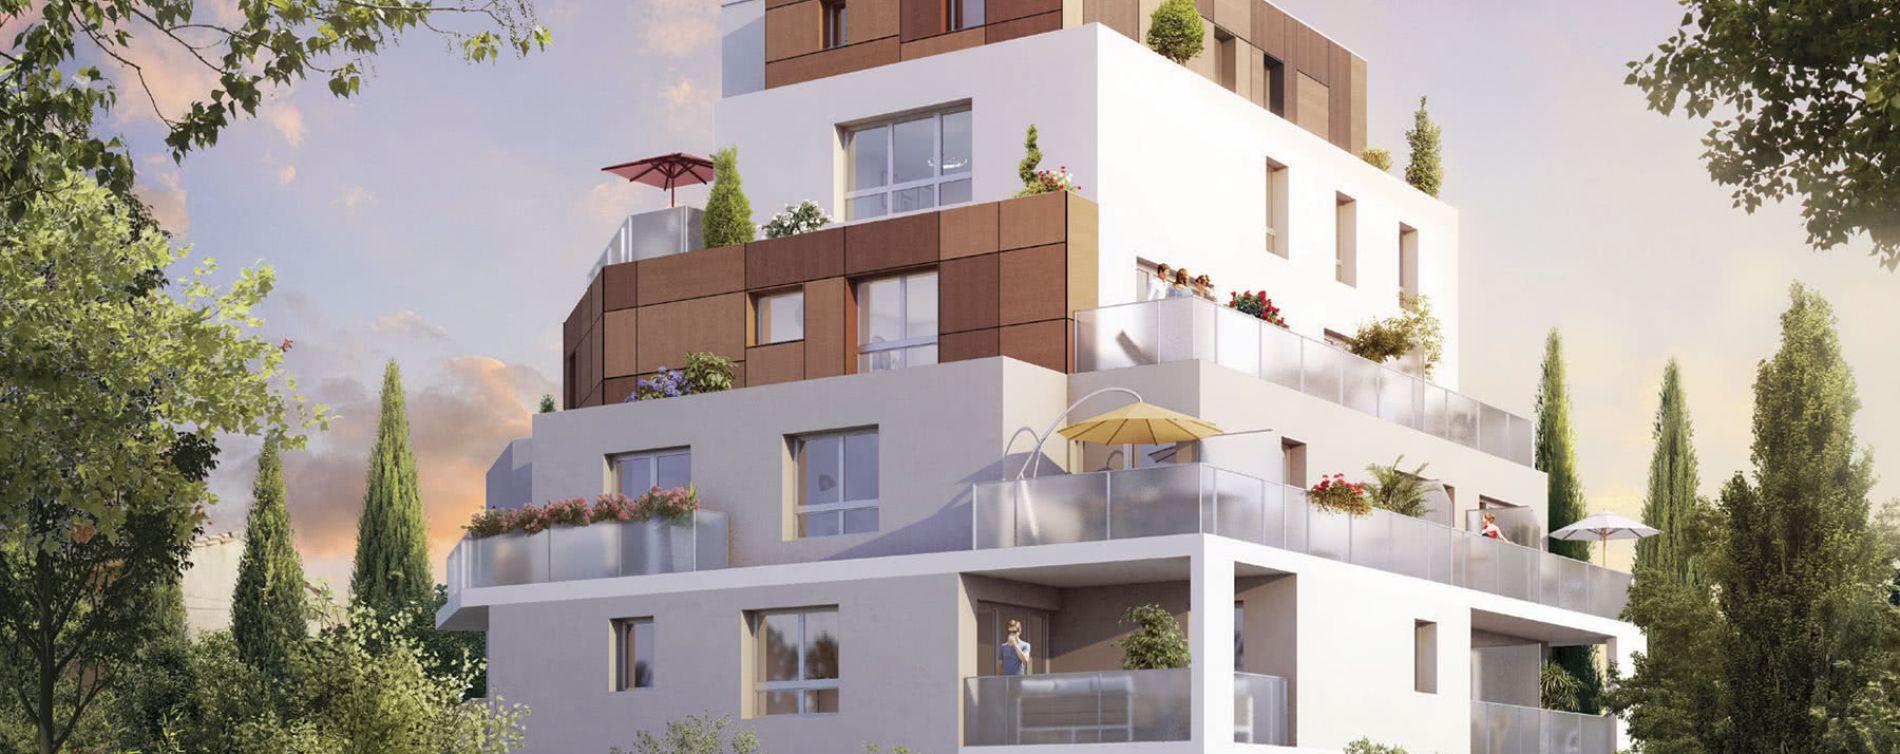 Résidence Natur' Aiguelongue à Montpellier